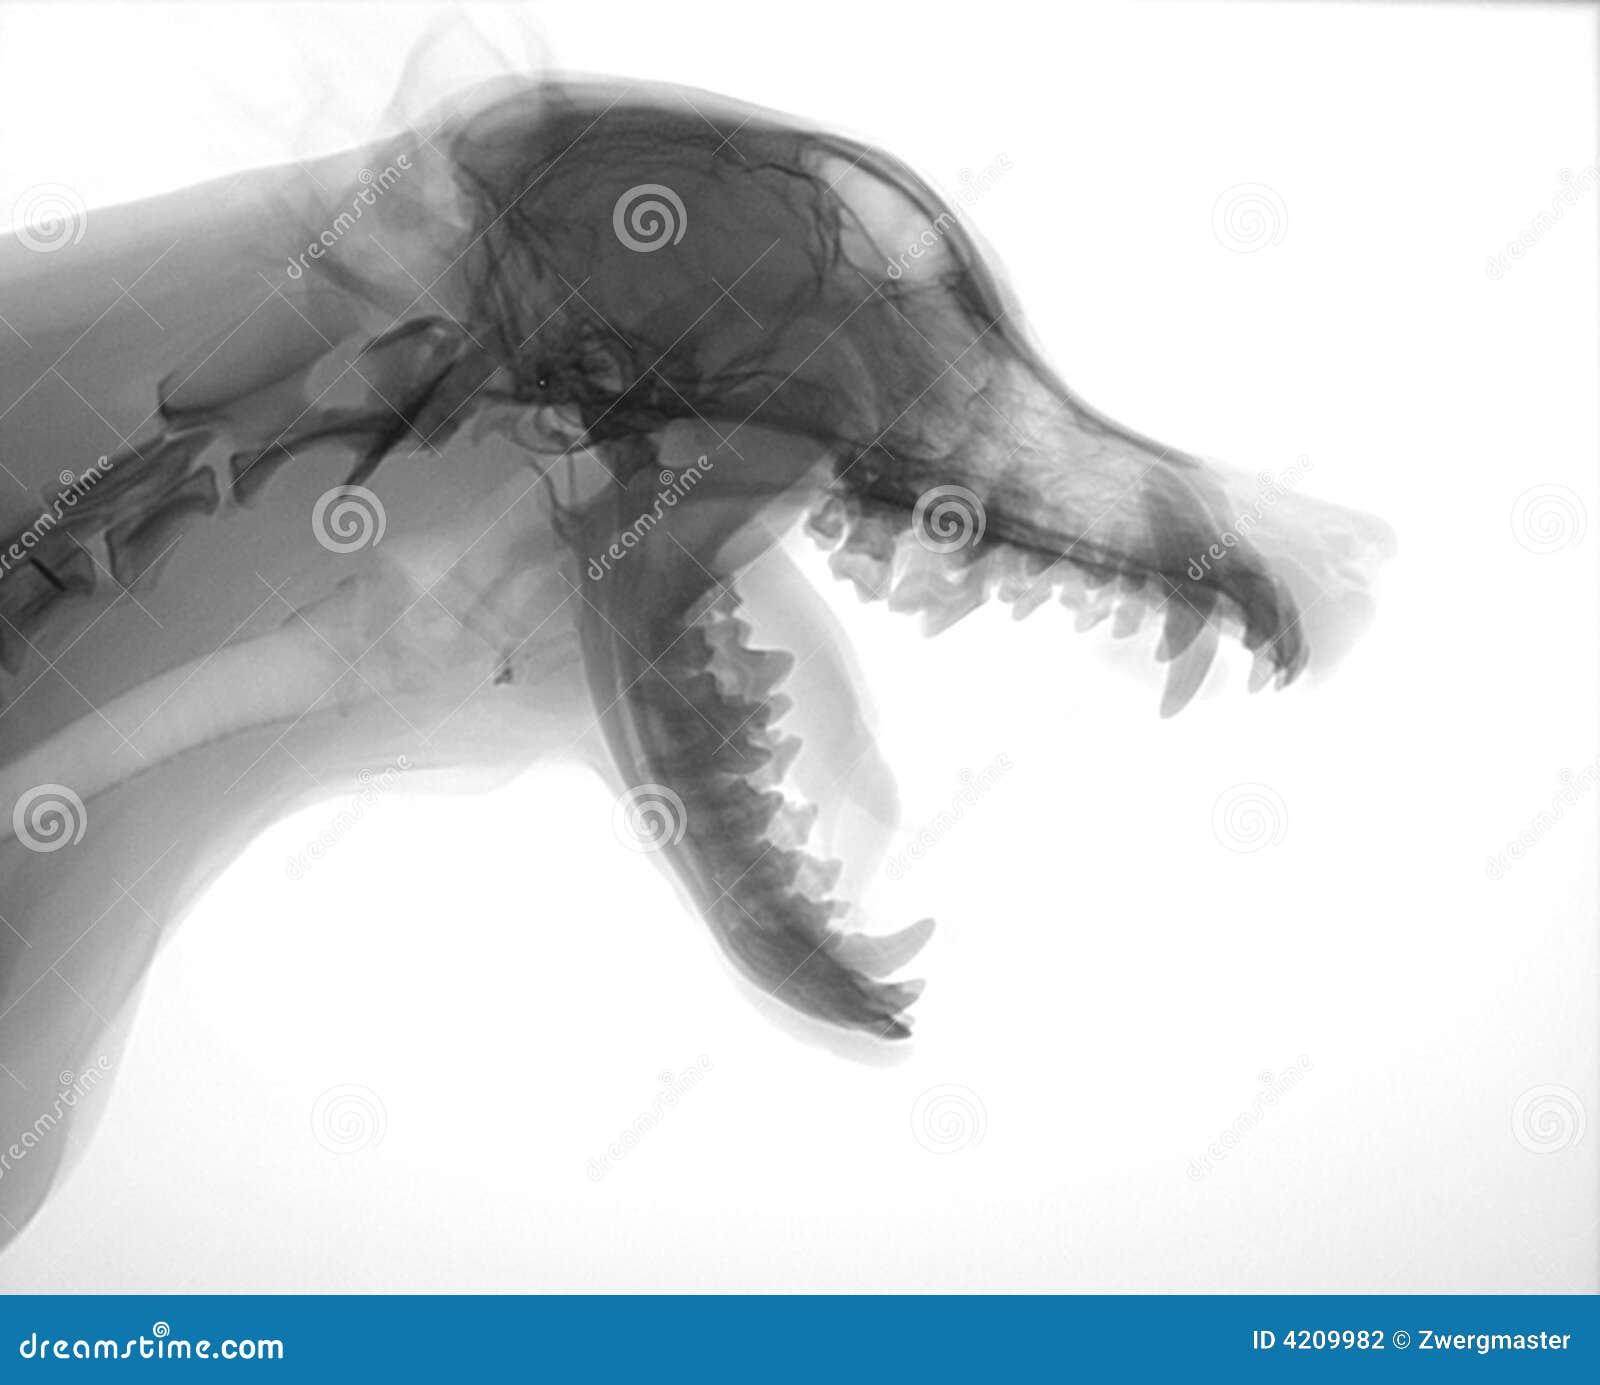 De hoofdröntgenstraal van de hond